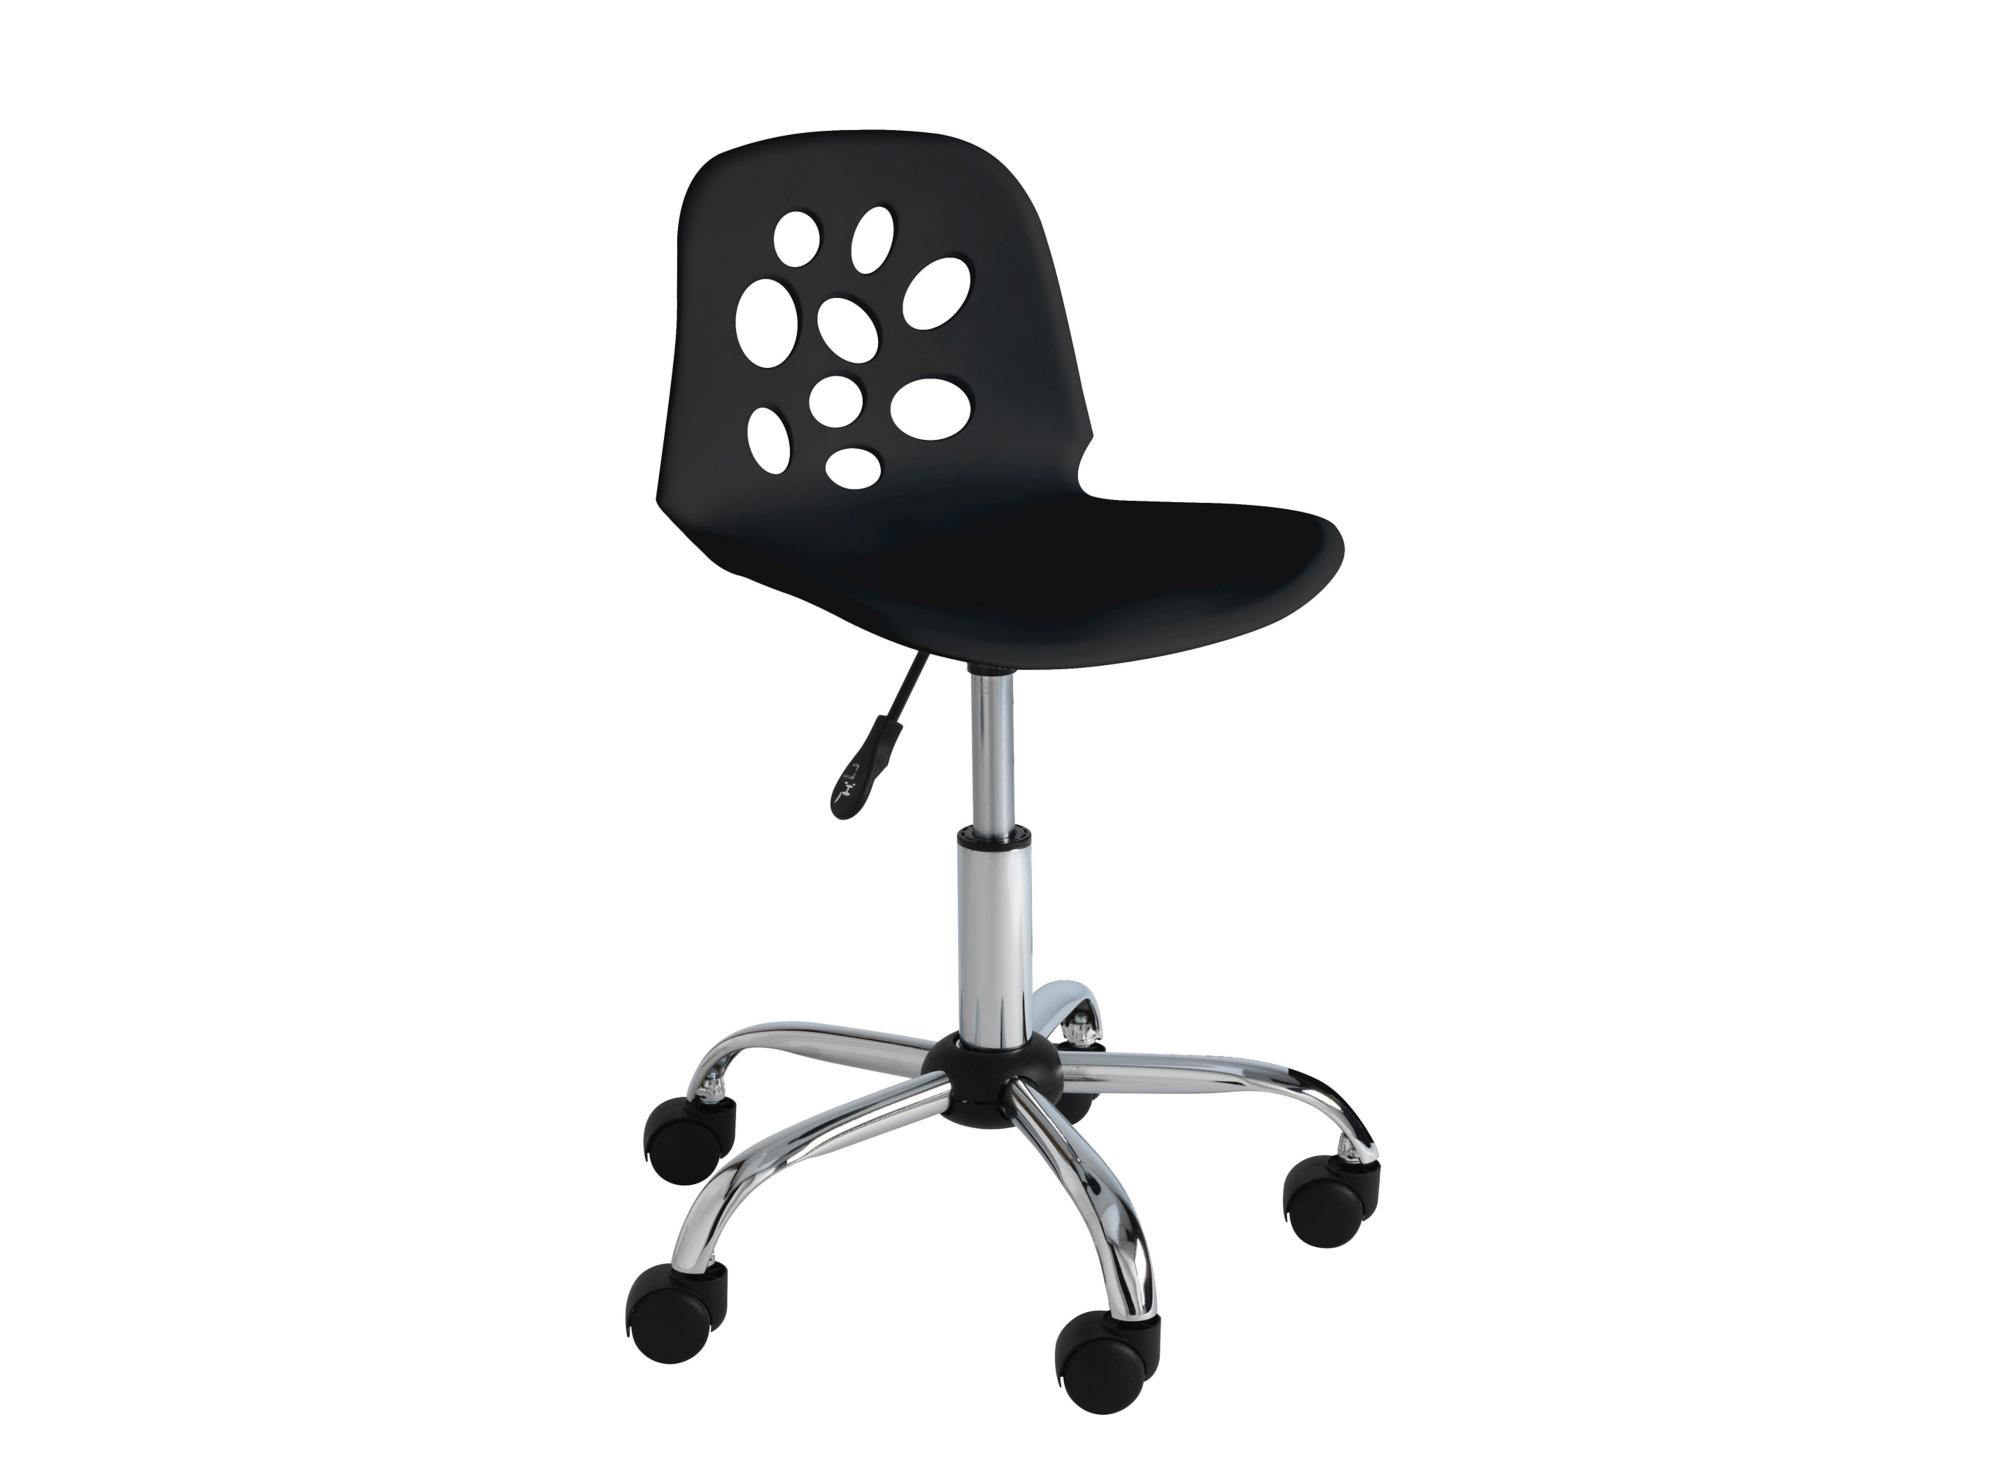 chaise de bureau sur roulettes chrome noir fly. Black Bedroom Furniture Sets. Home Design Ideas